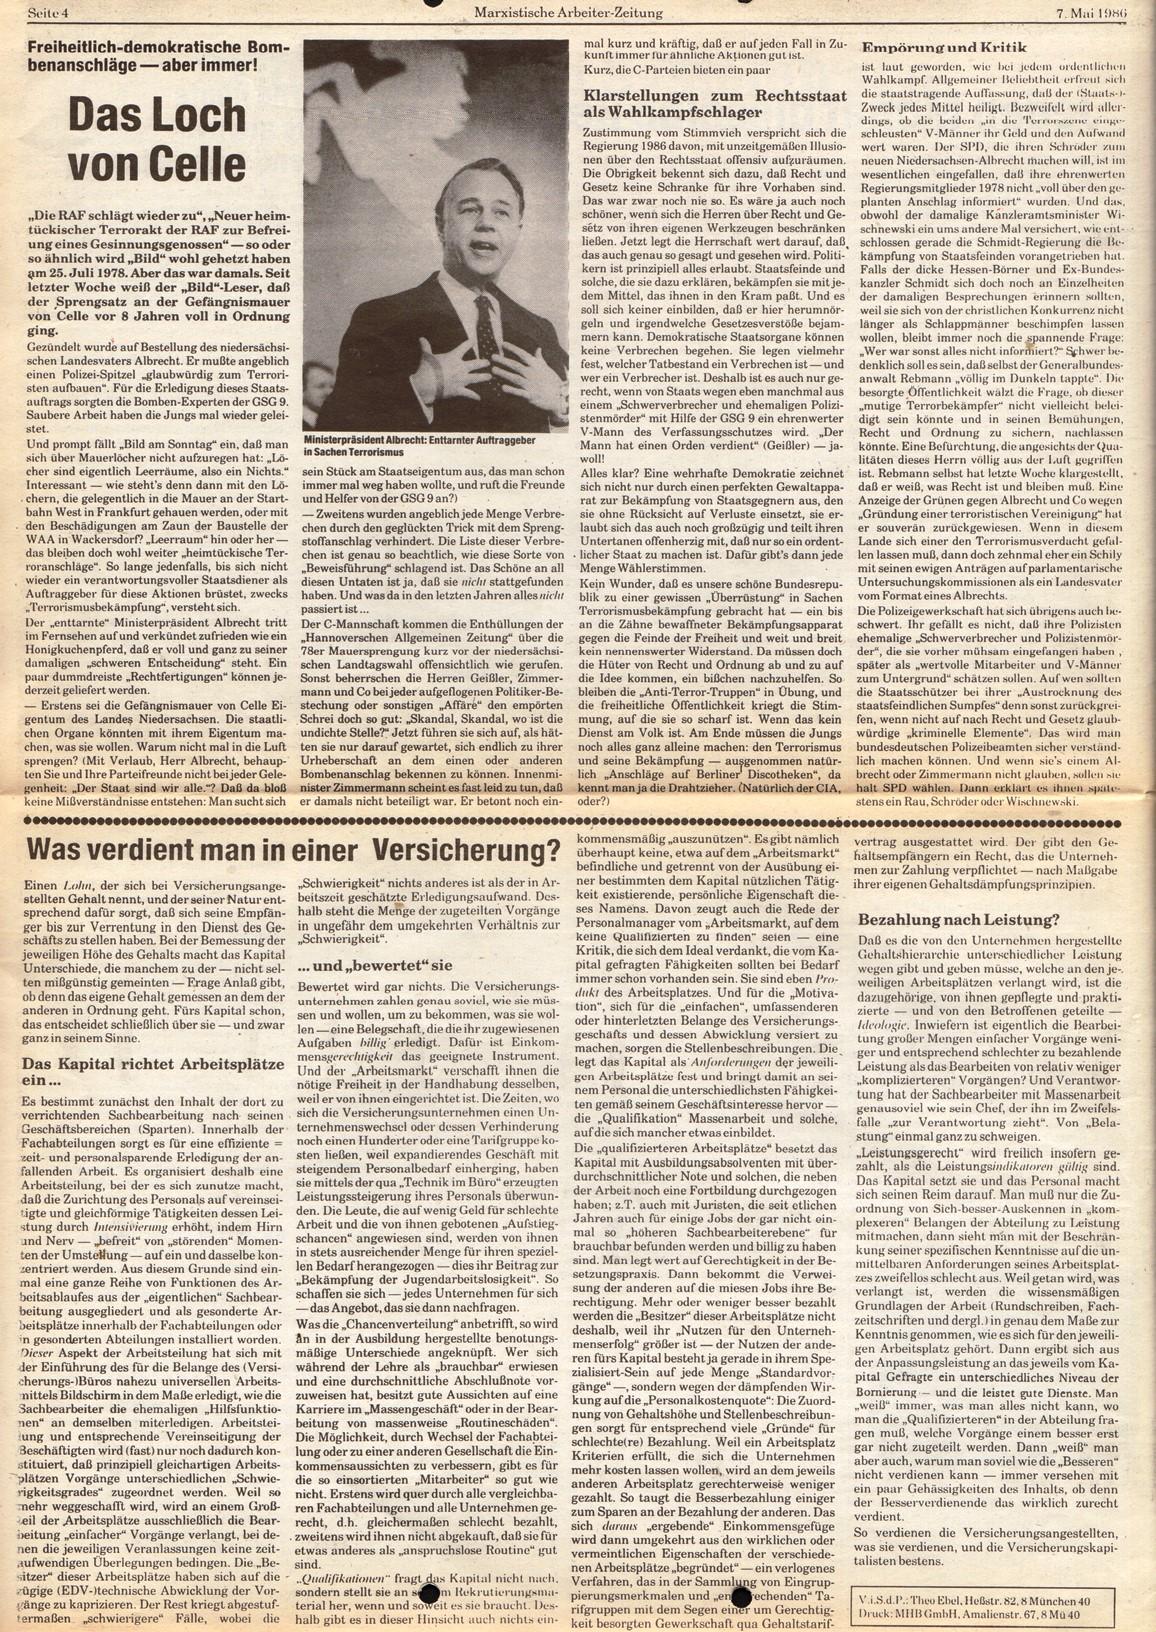 Muenchen_MG_MAZ_Versicherungen_19860507_04